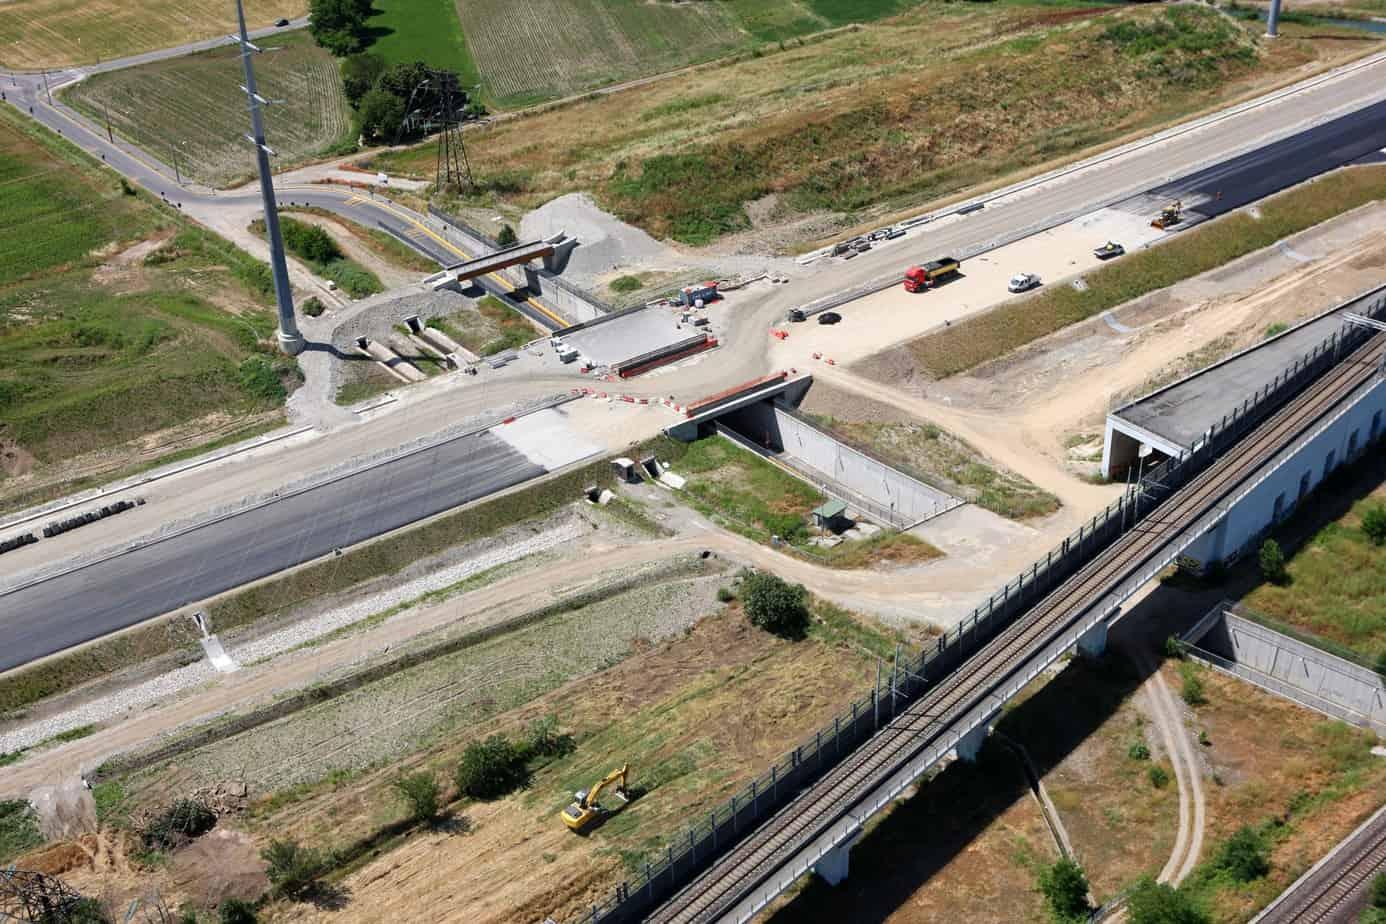 I lavori di scavalco del sottopasso di Via Don Castellazzi (Cascine San Pietro, Cassano D'Adda)